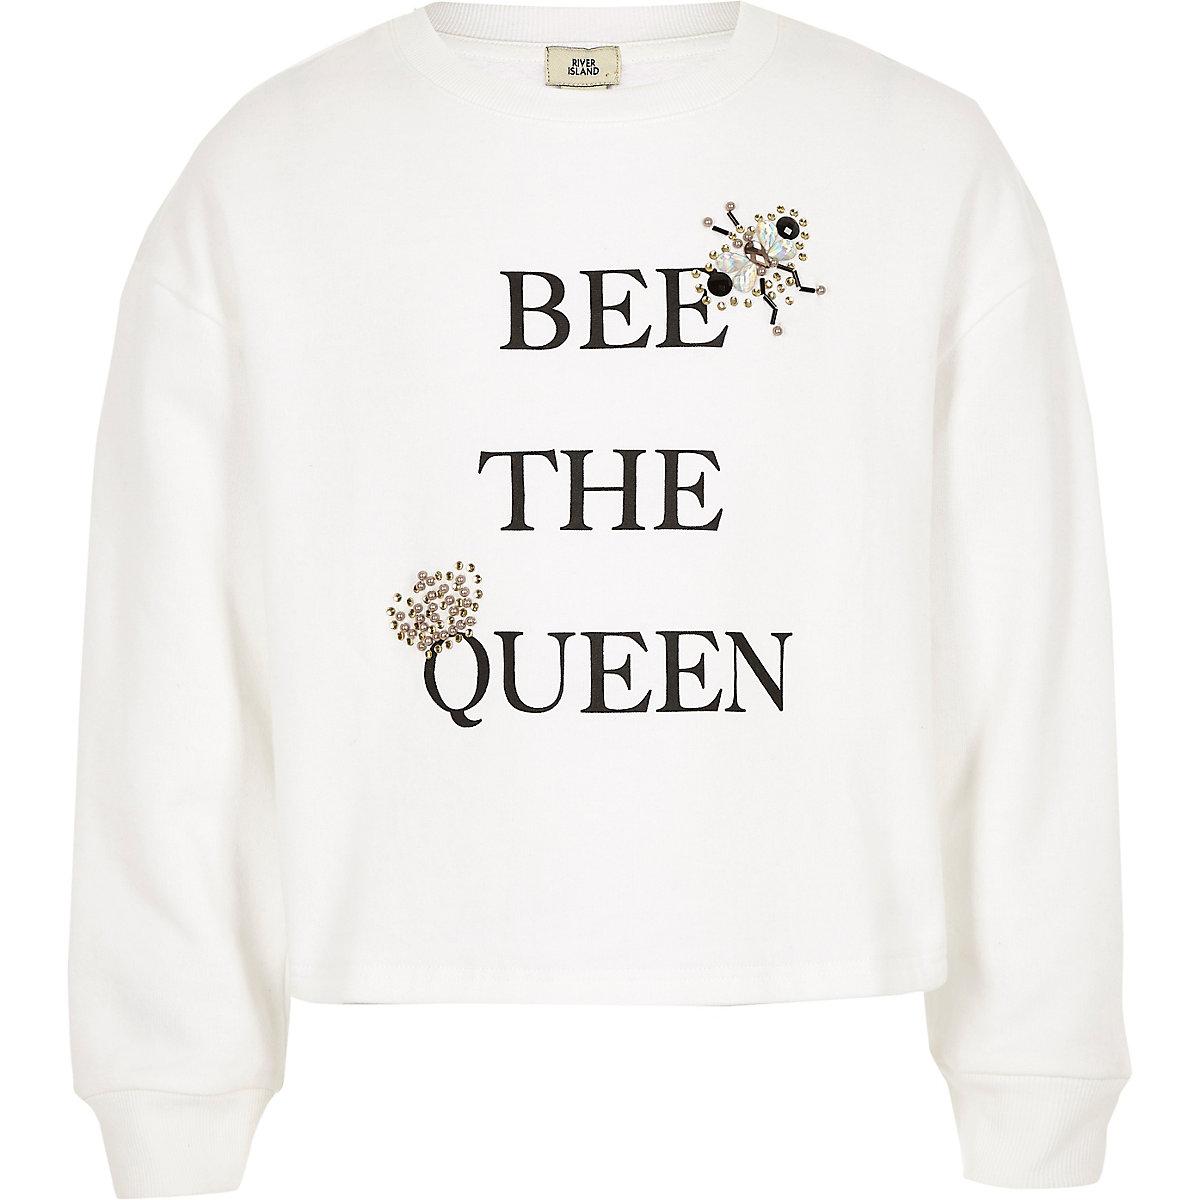 Girls white 'Bee the queen' sweatshirt